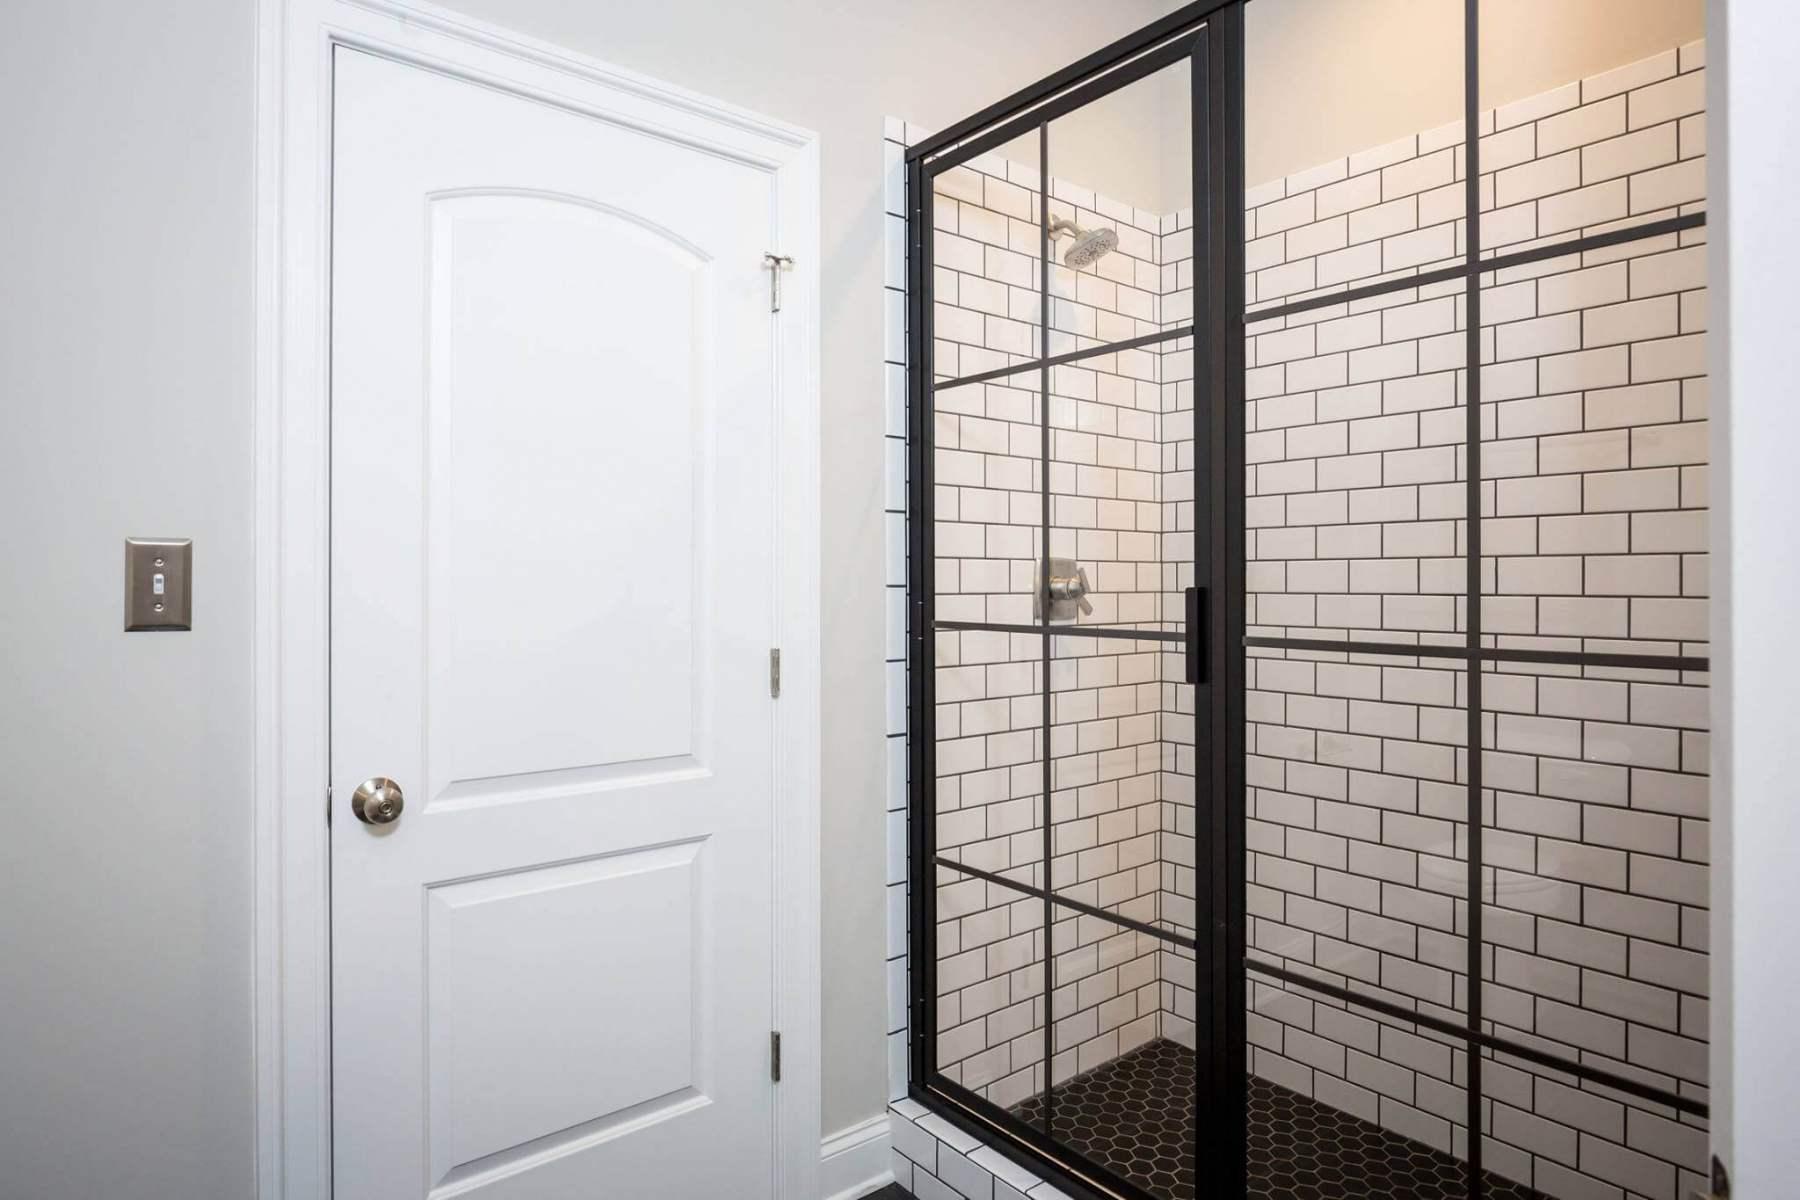 14-15-basement-bath